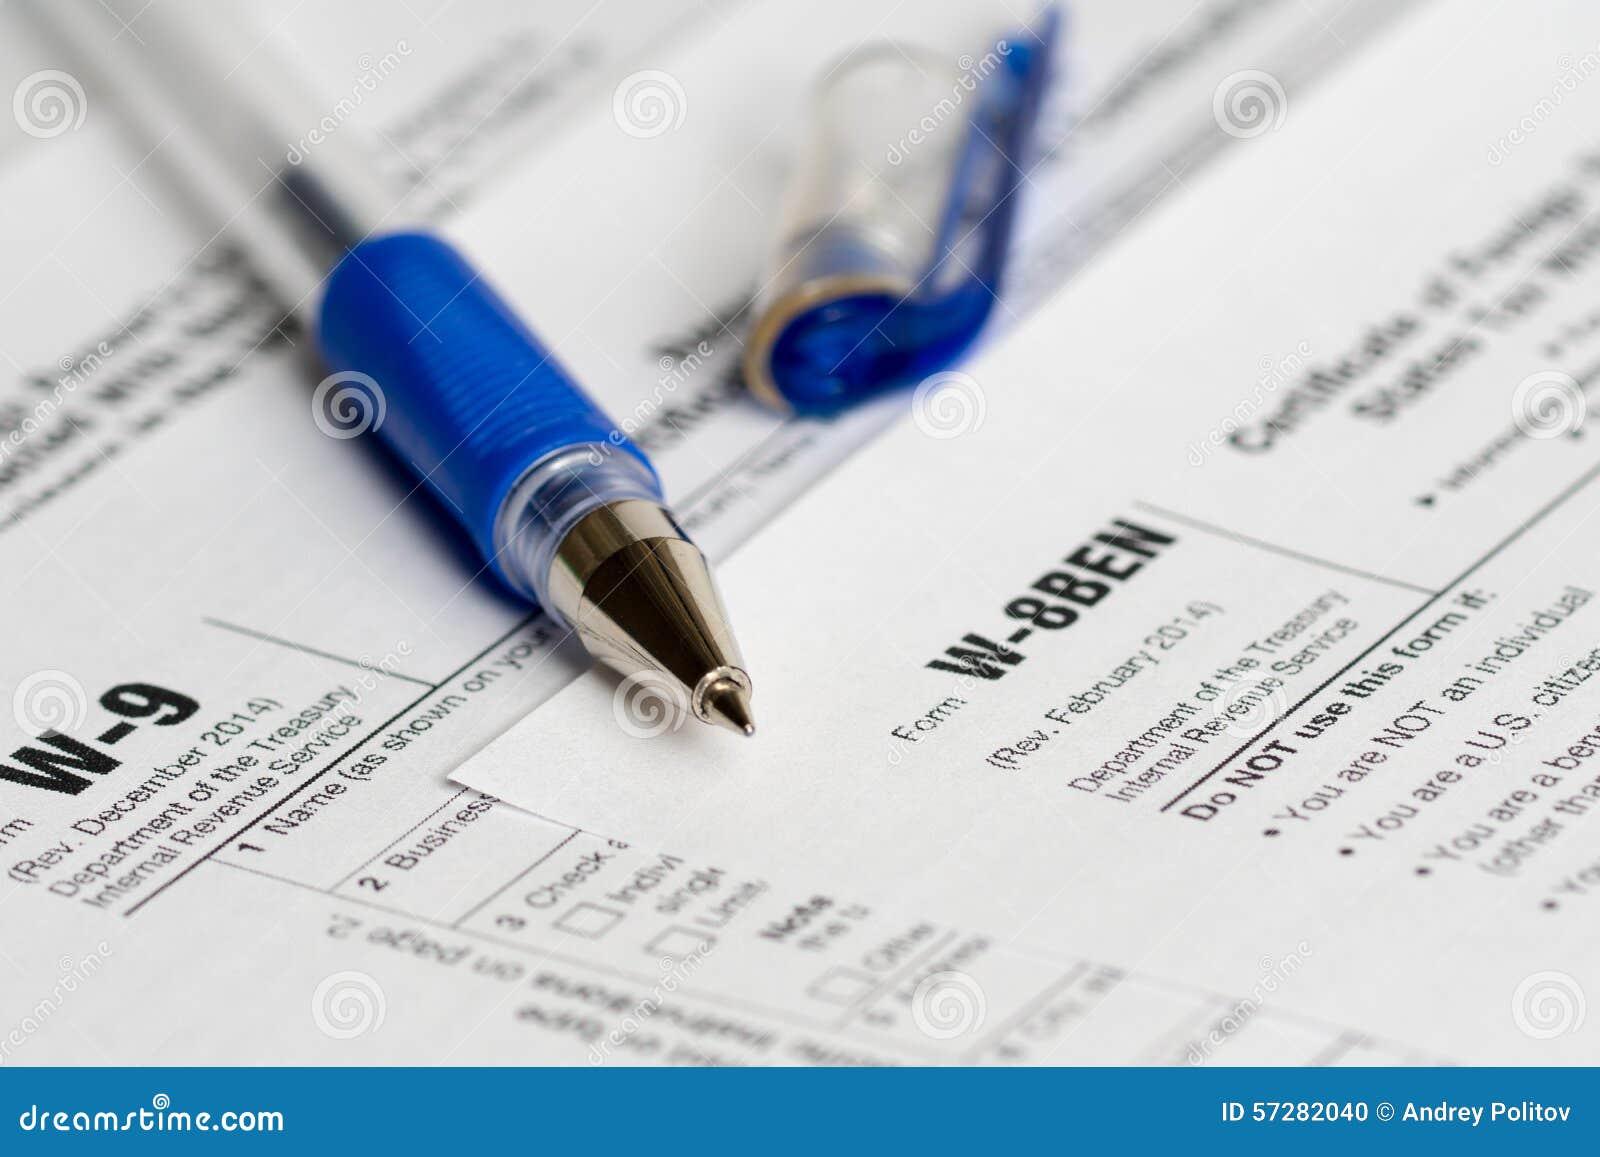 Belasting rapporteringsvormen met geopende blauwe pen